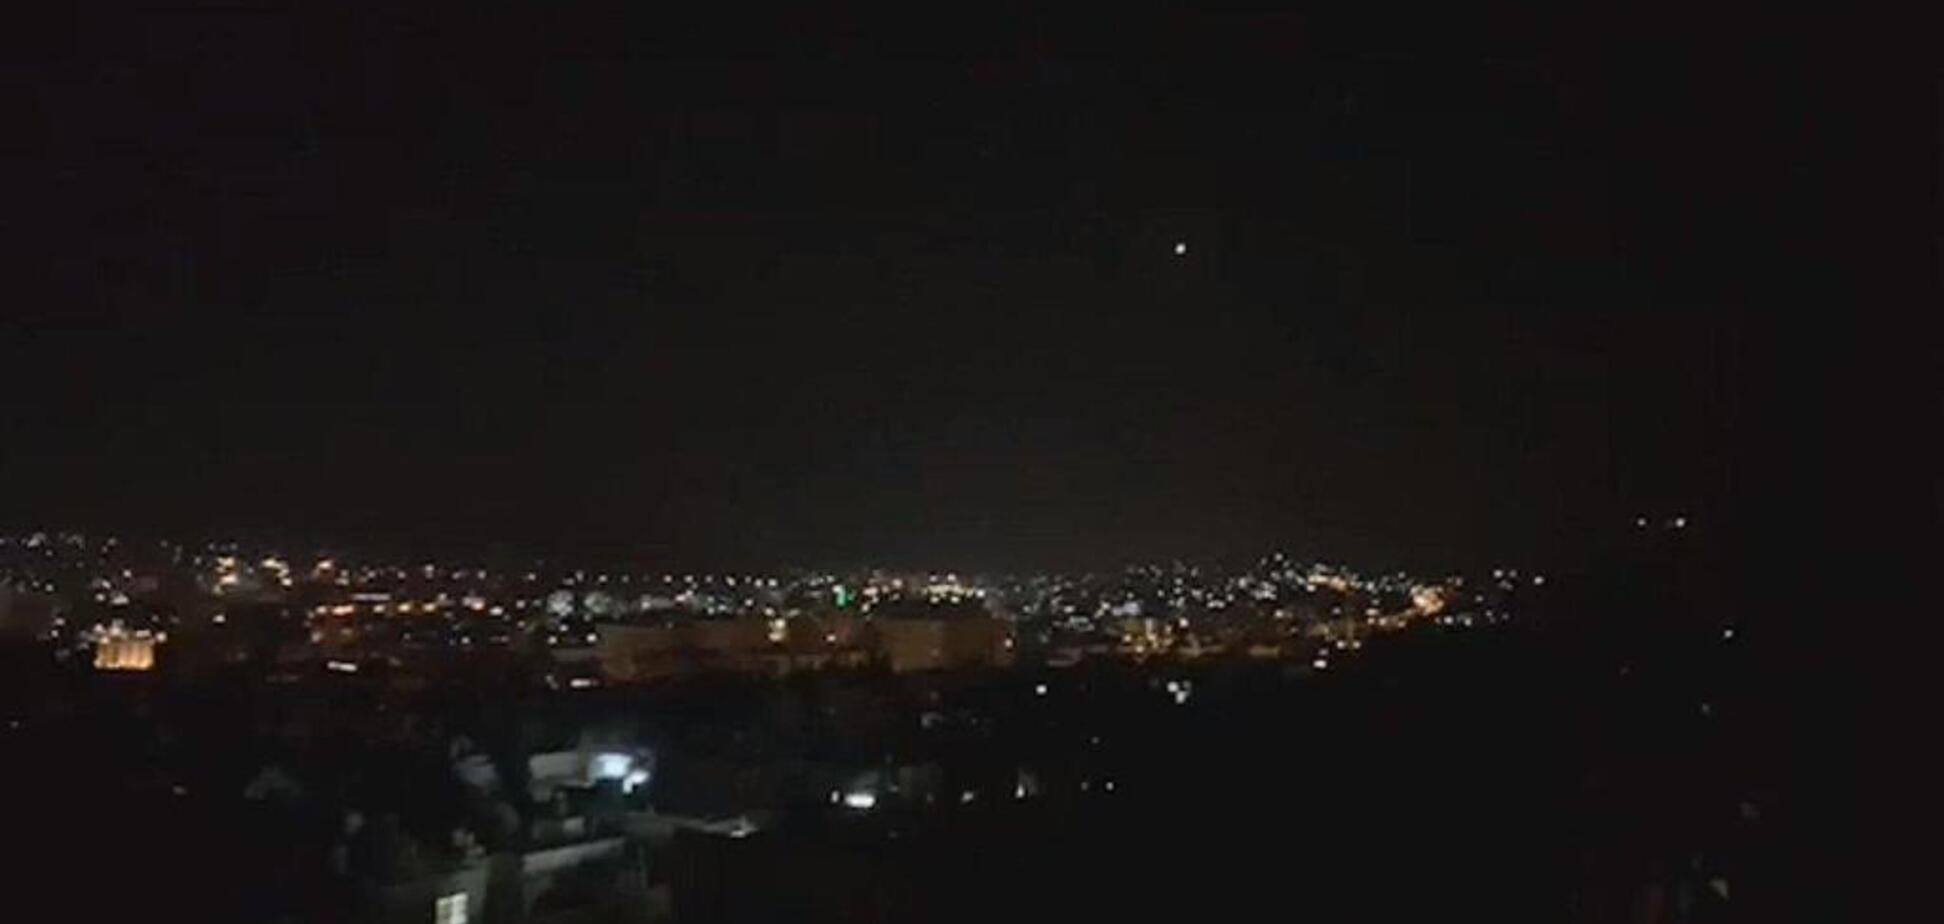 Ізраїль завдав потужних авіаударів по Сирії: 16 жертв, понад 20 постраждалих